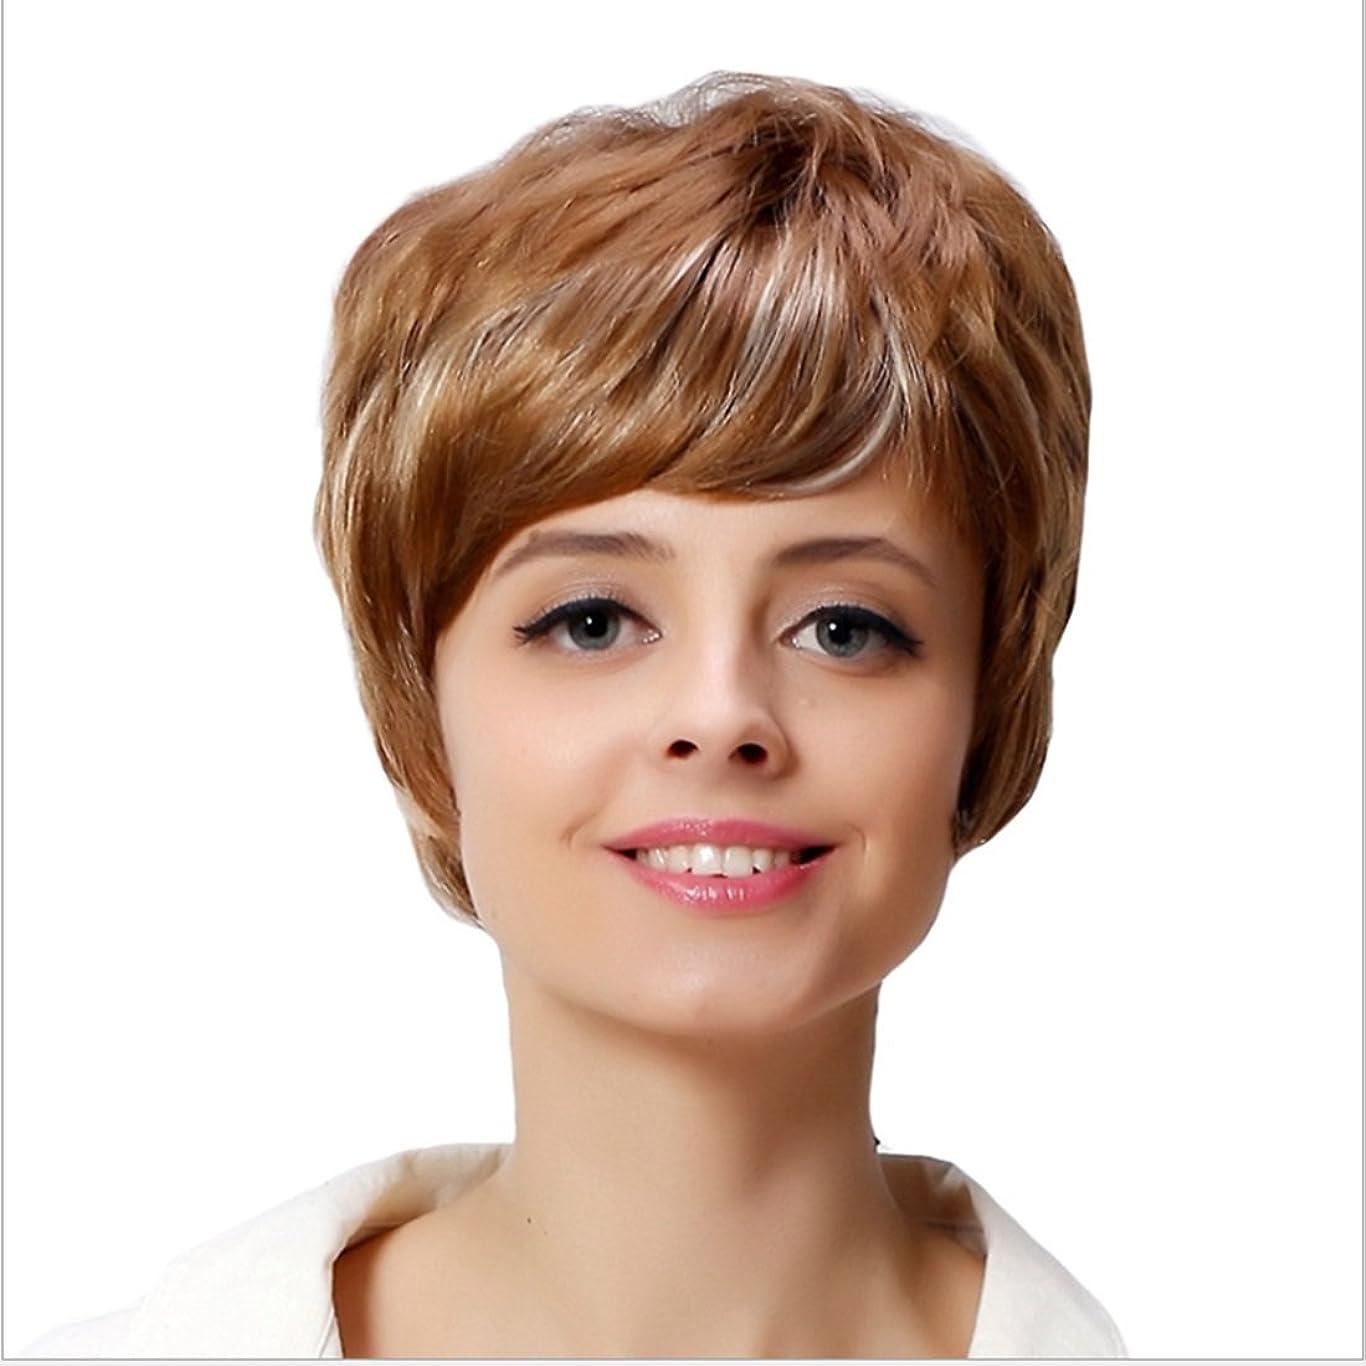 裏切り者所得キャプションBOBIDYEE 10インチ/ 12インチ短波ゴールドかつら女性用カーリー耐熱かつら平らかつら毛髪用白人女性180 gファッションかつら (サイズ : 10inch)